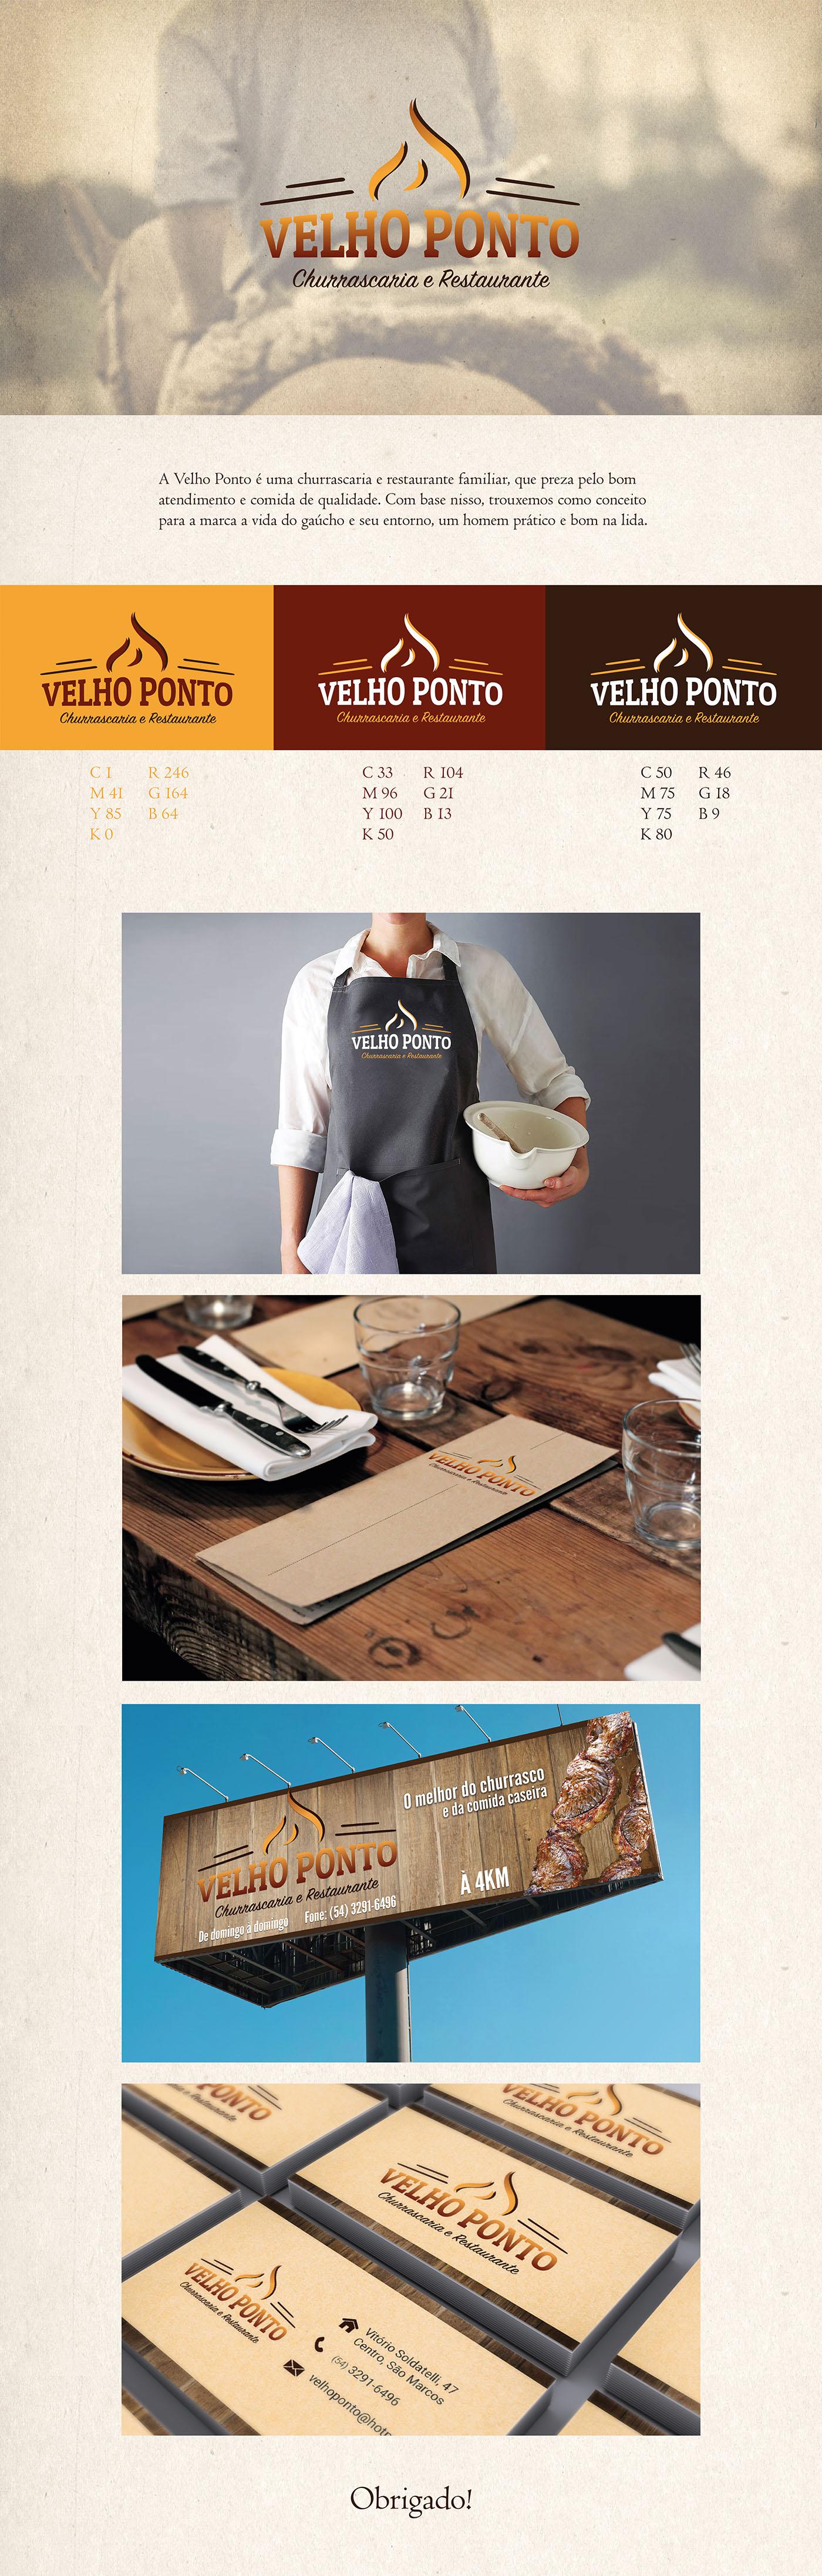 branding  grafico marca Churrascaria restaurante culinária design gráfico